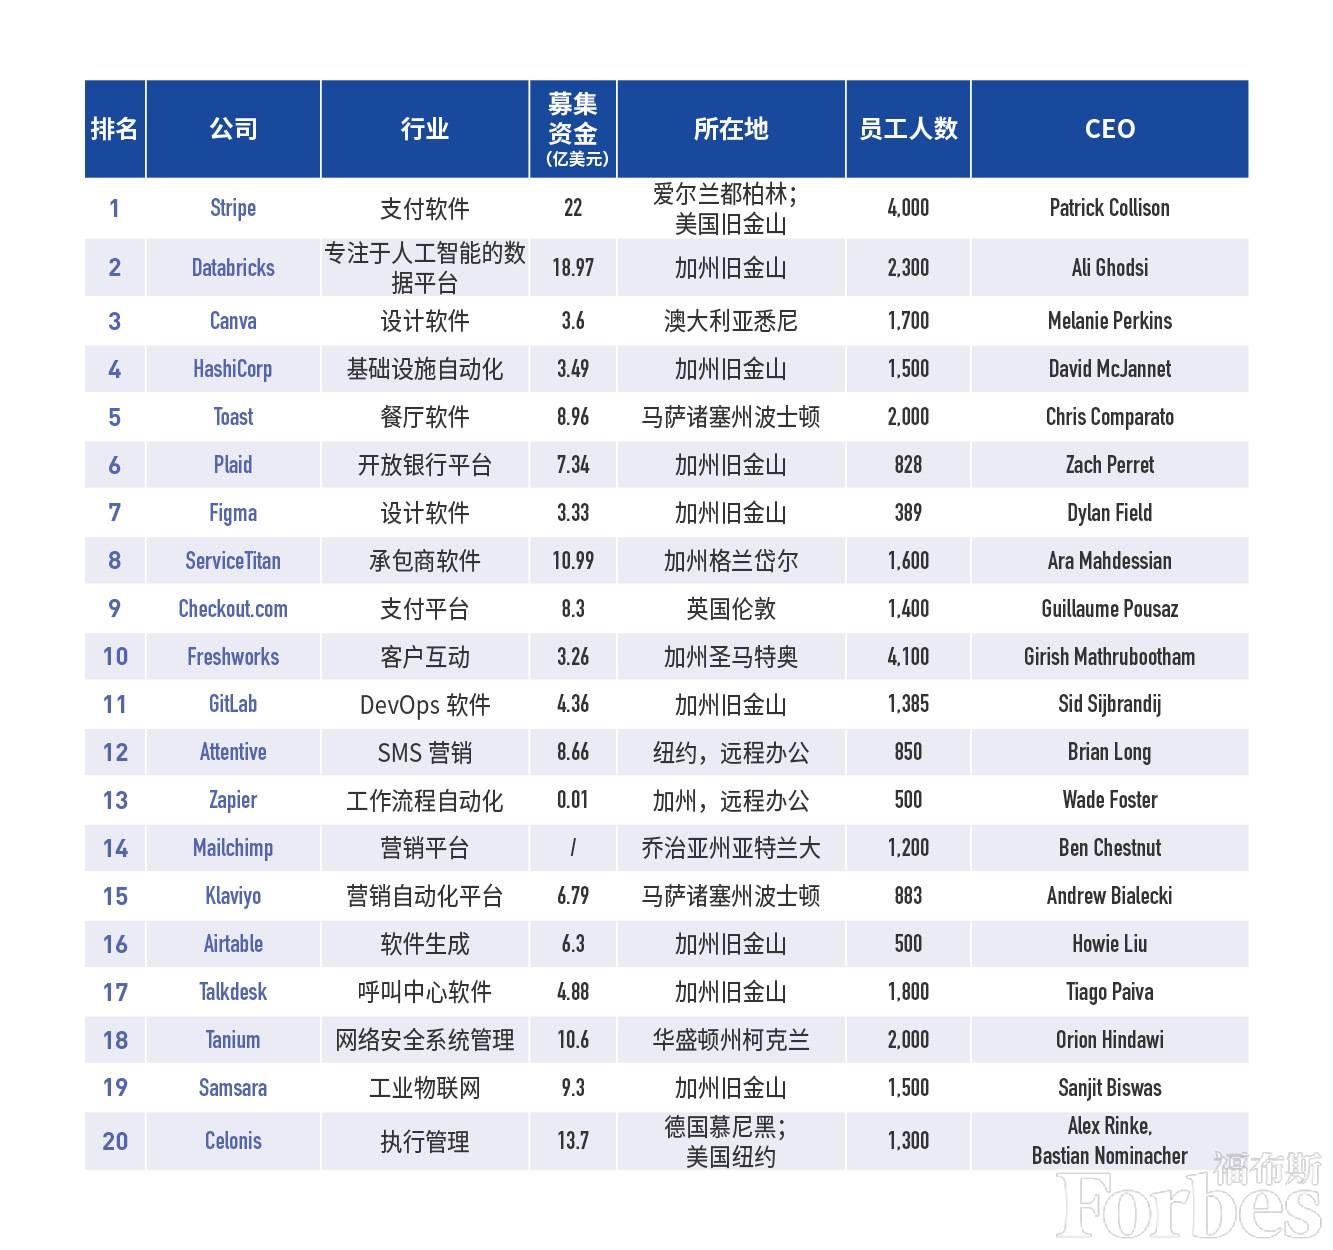 福布斯2021云计算百强榜公布,三家中国公司入选